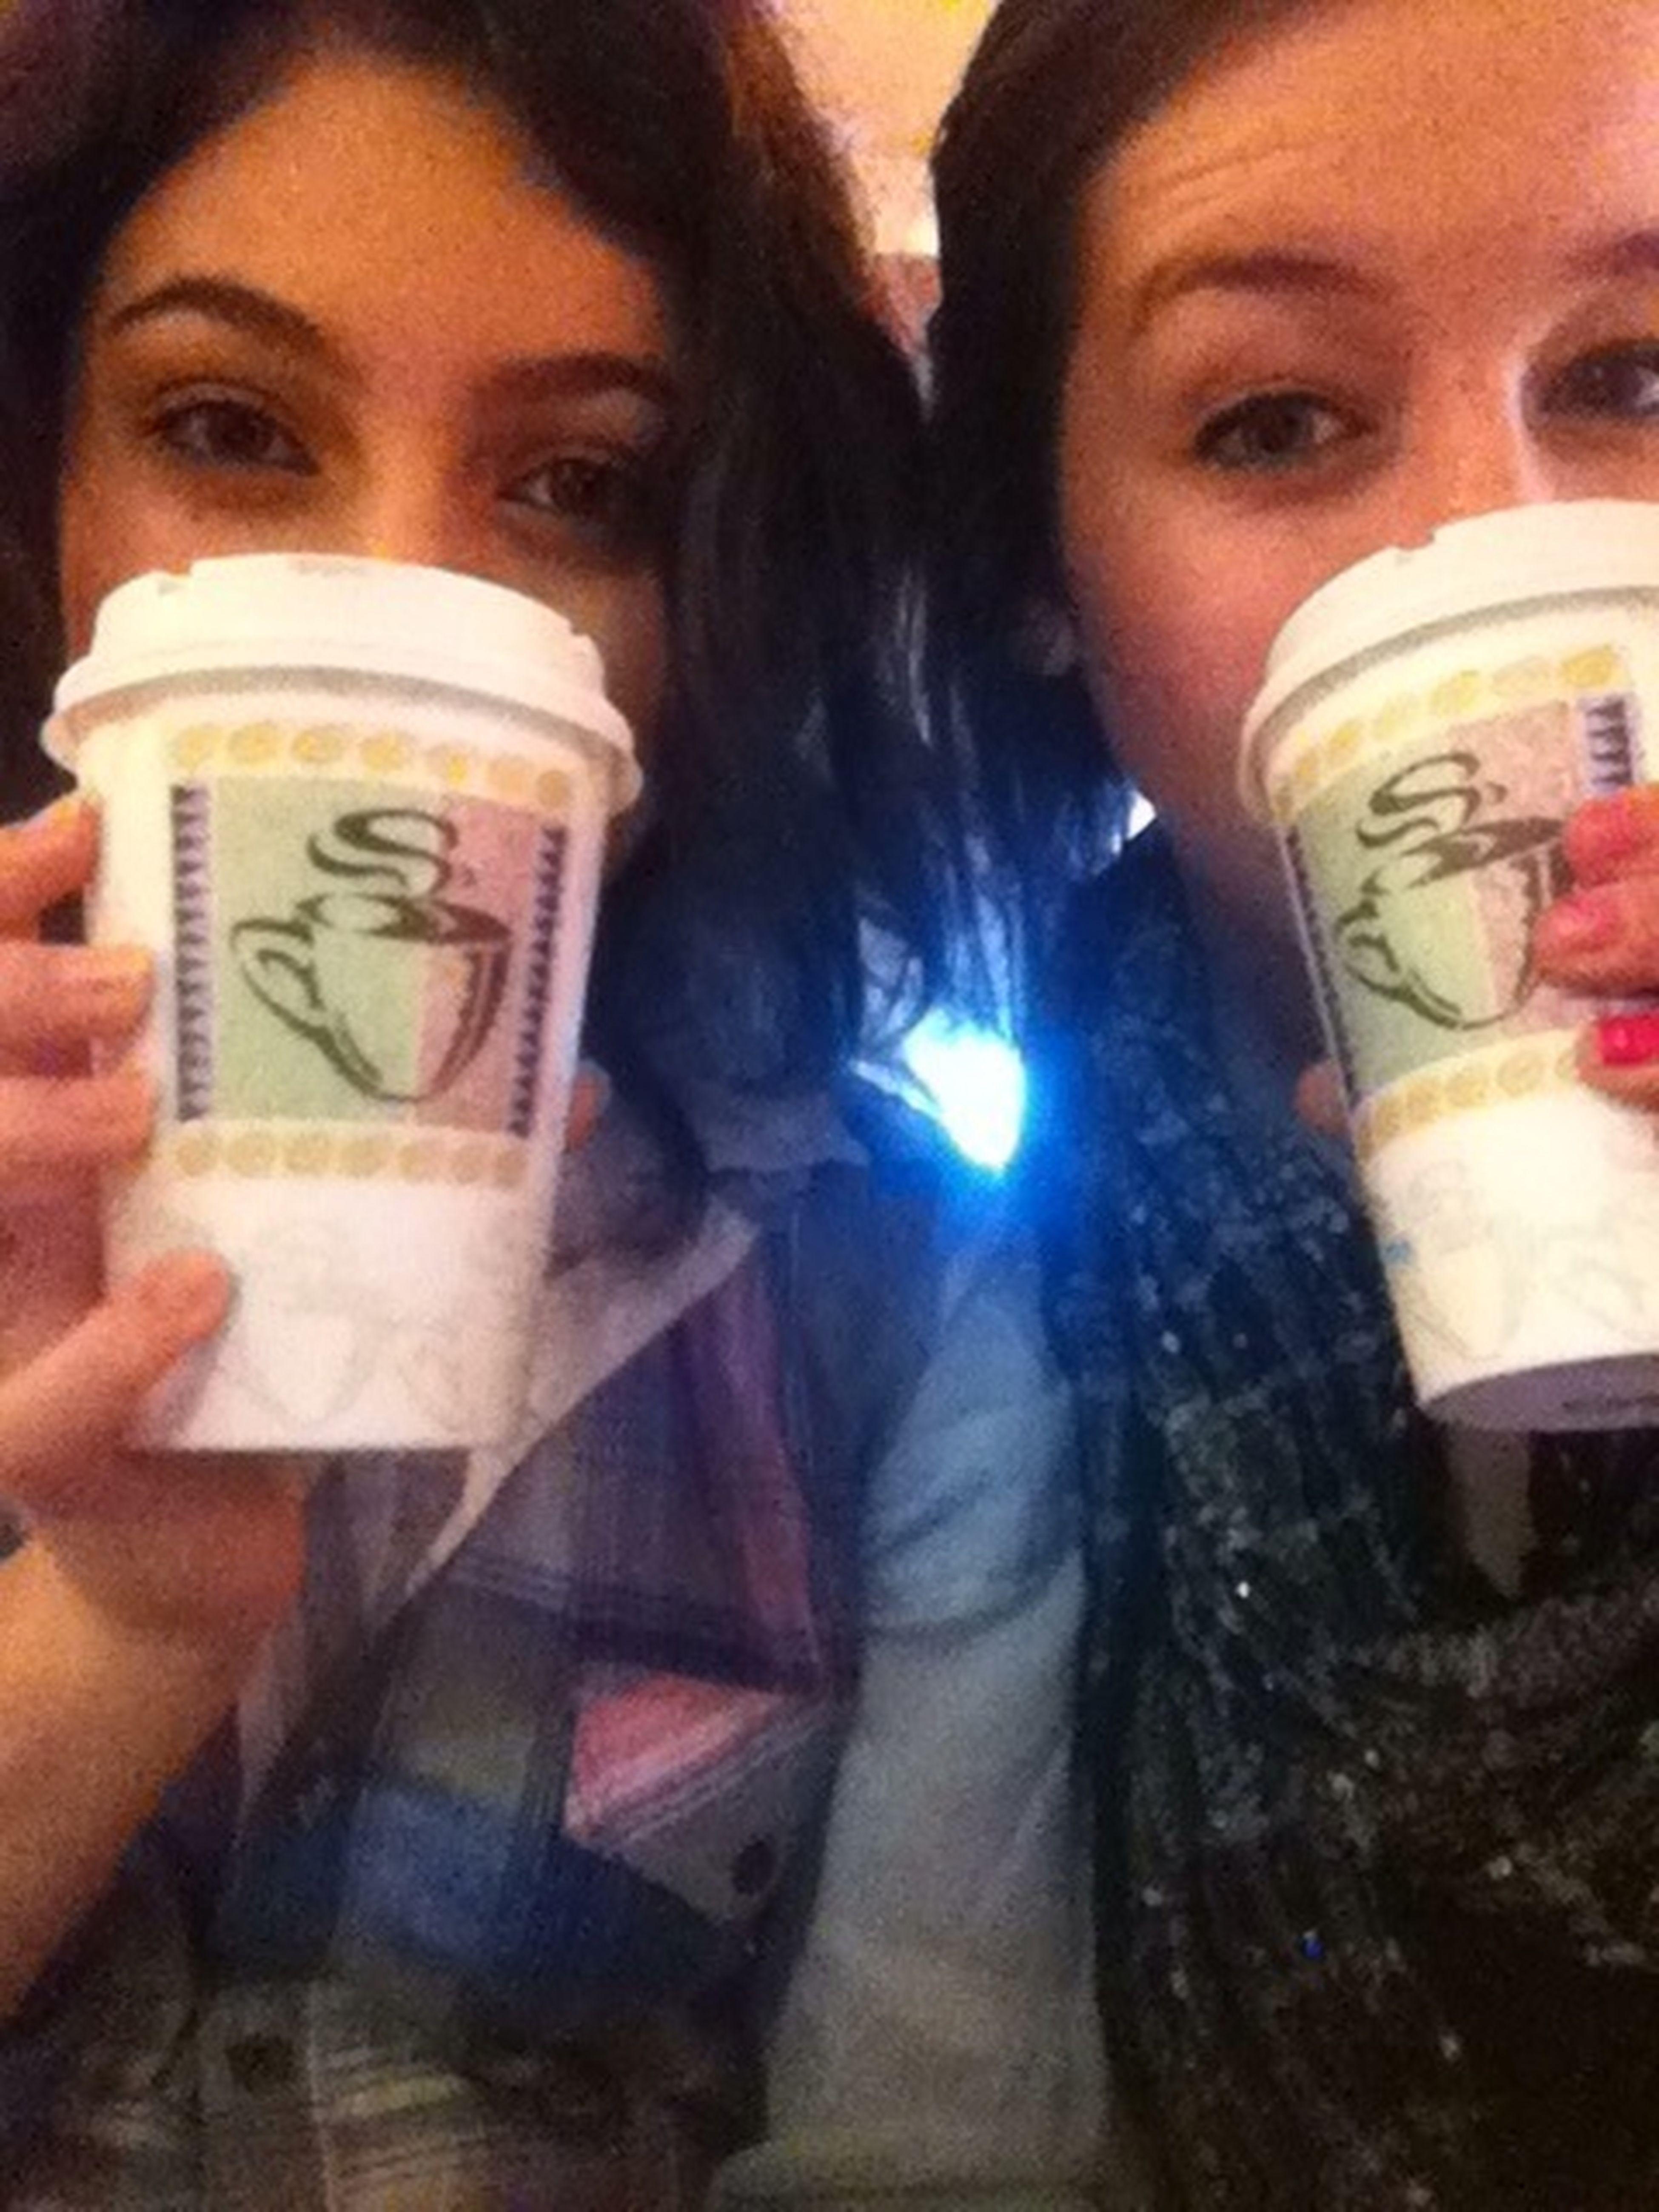 #coffee #eyes #bffs